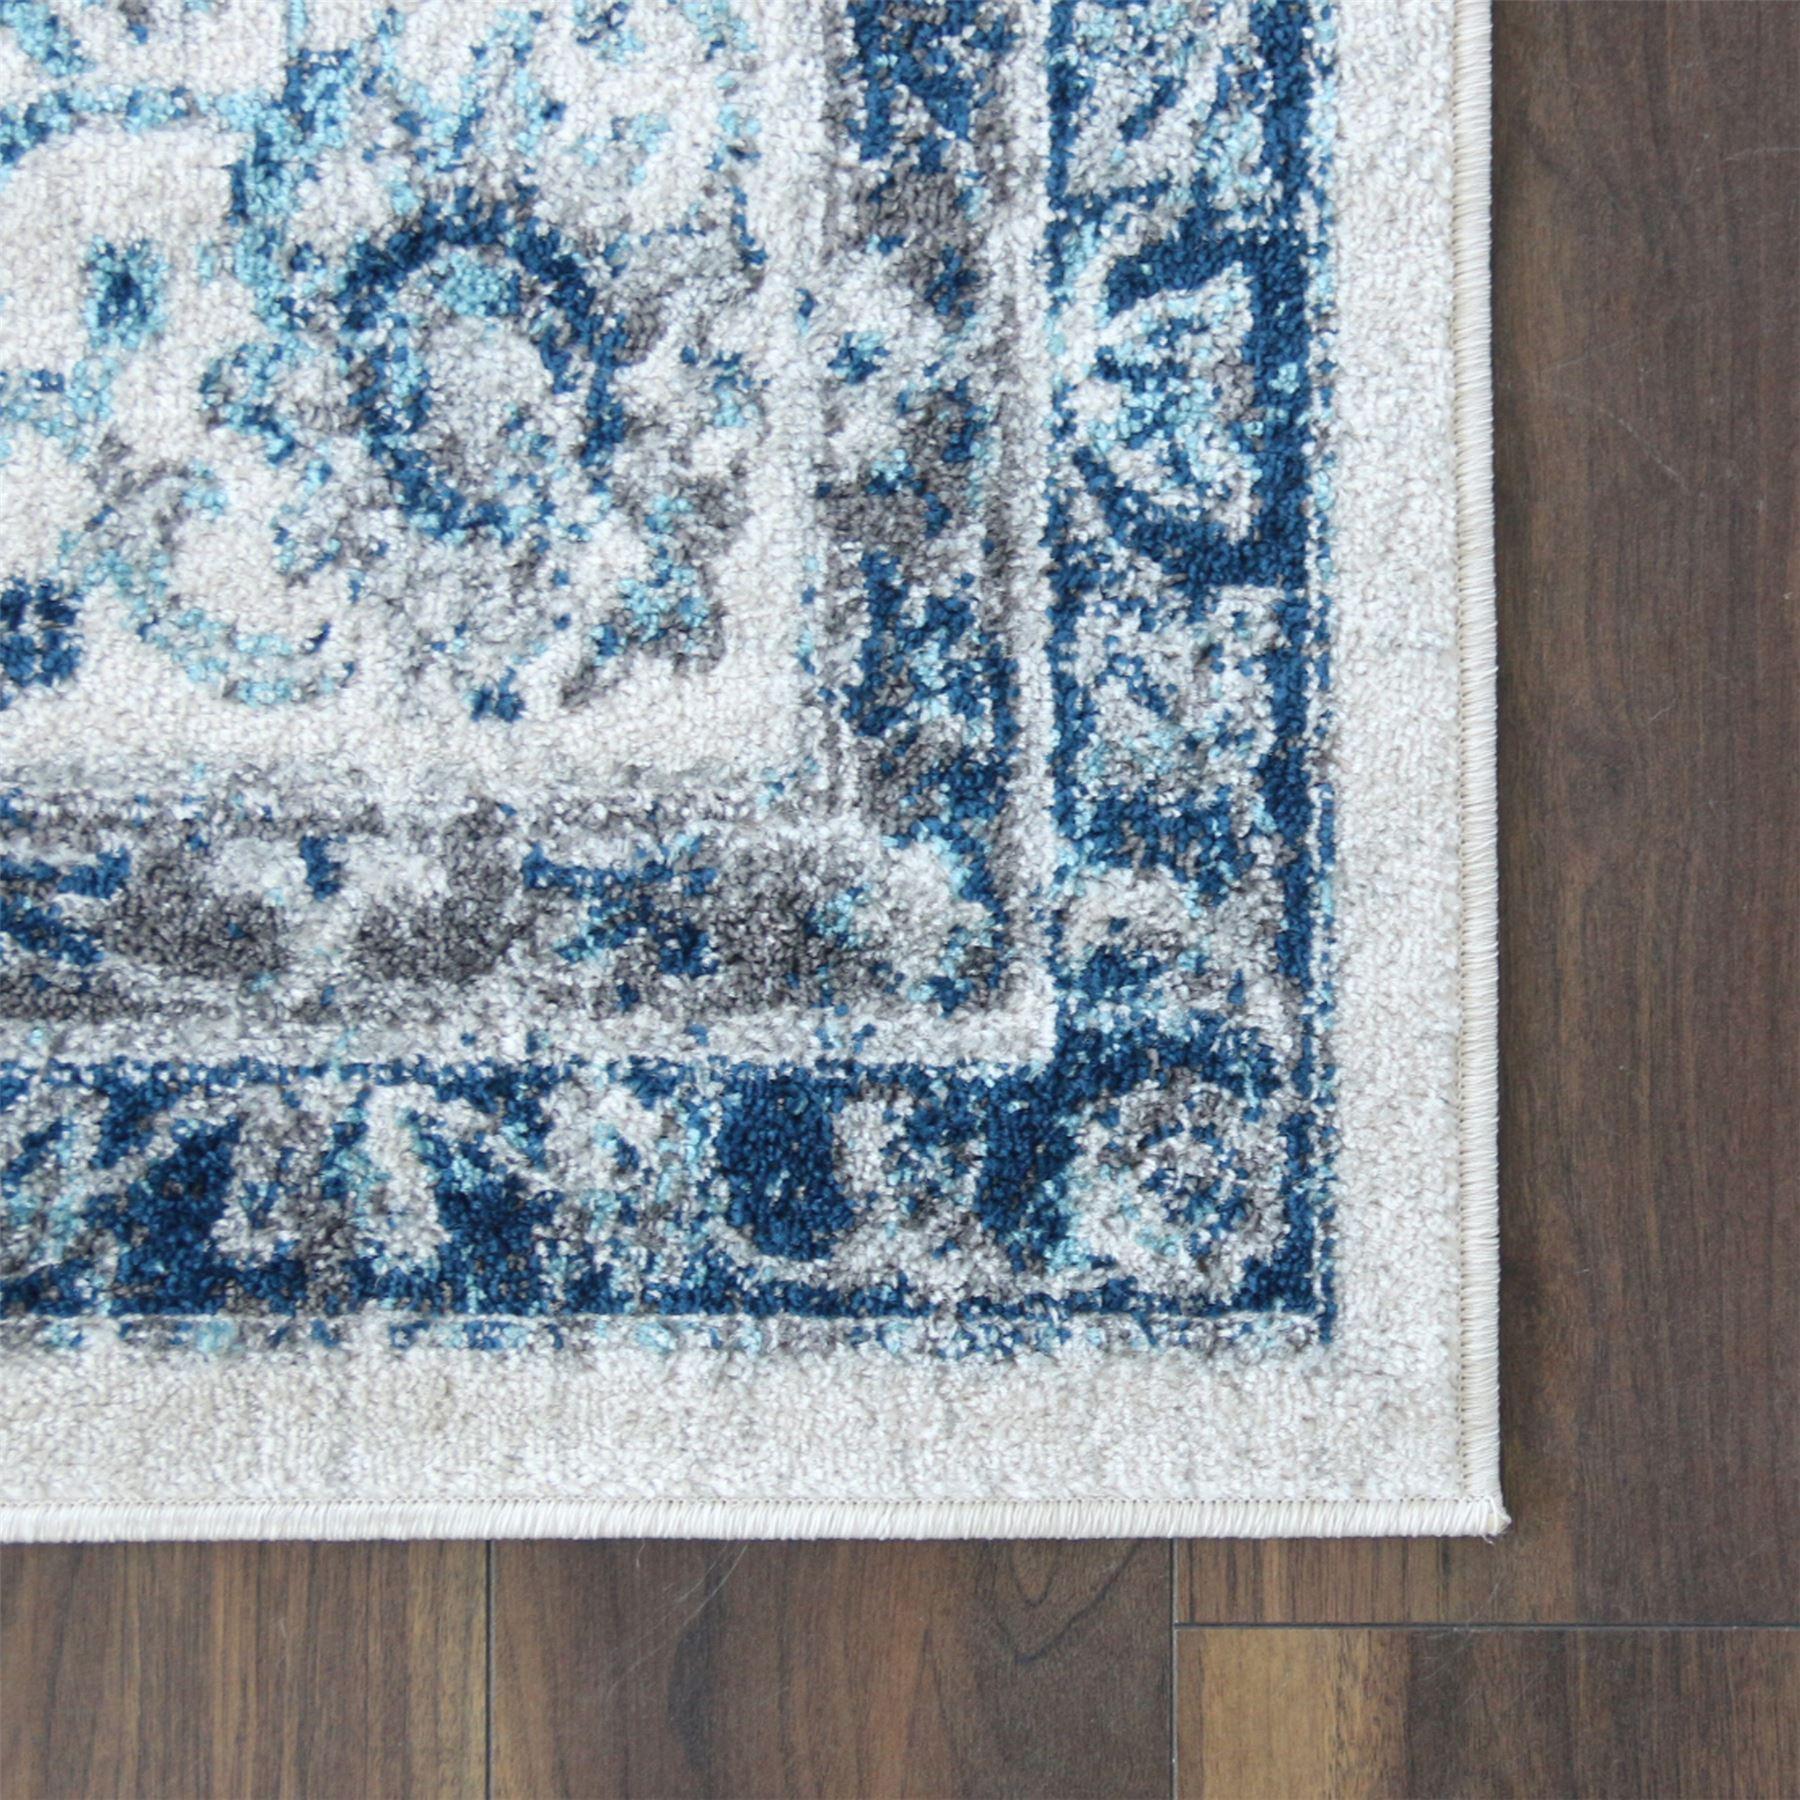 A2Z-Grande-Crema-Avorio-Blu-TRADIZIONALE-DESIGN-VINTAGE-tappeti-persiani-TAPPETI-CAMERA miniatura 4